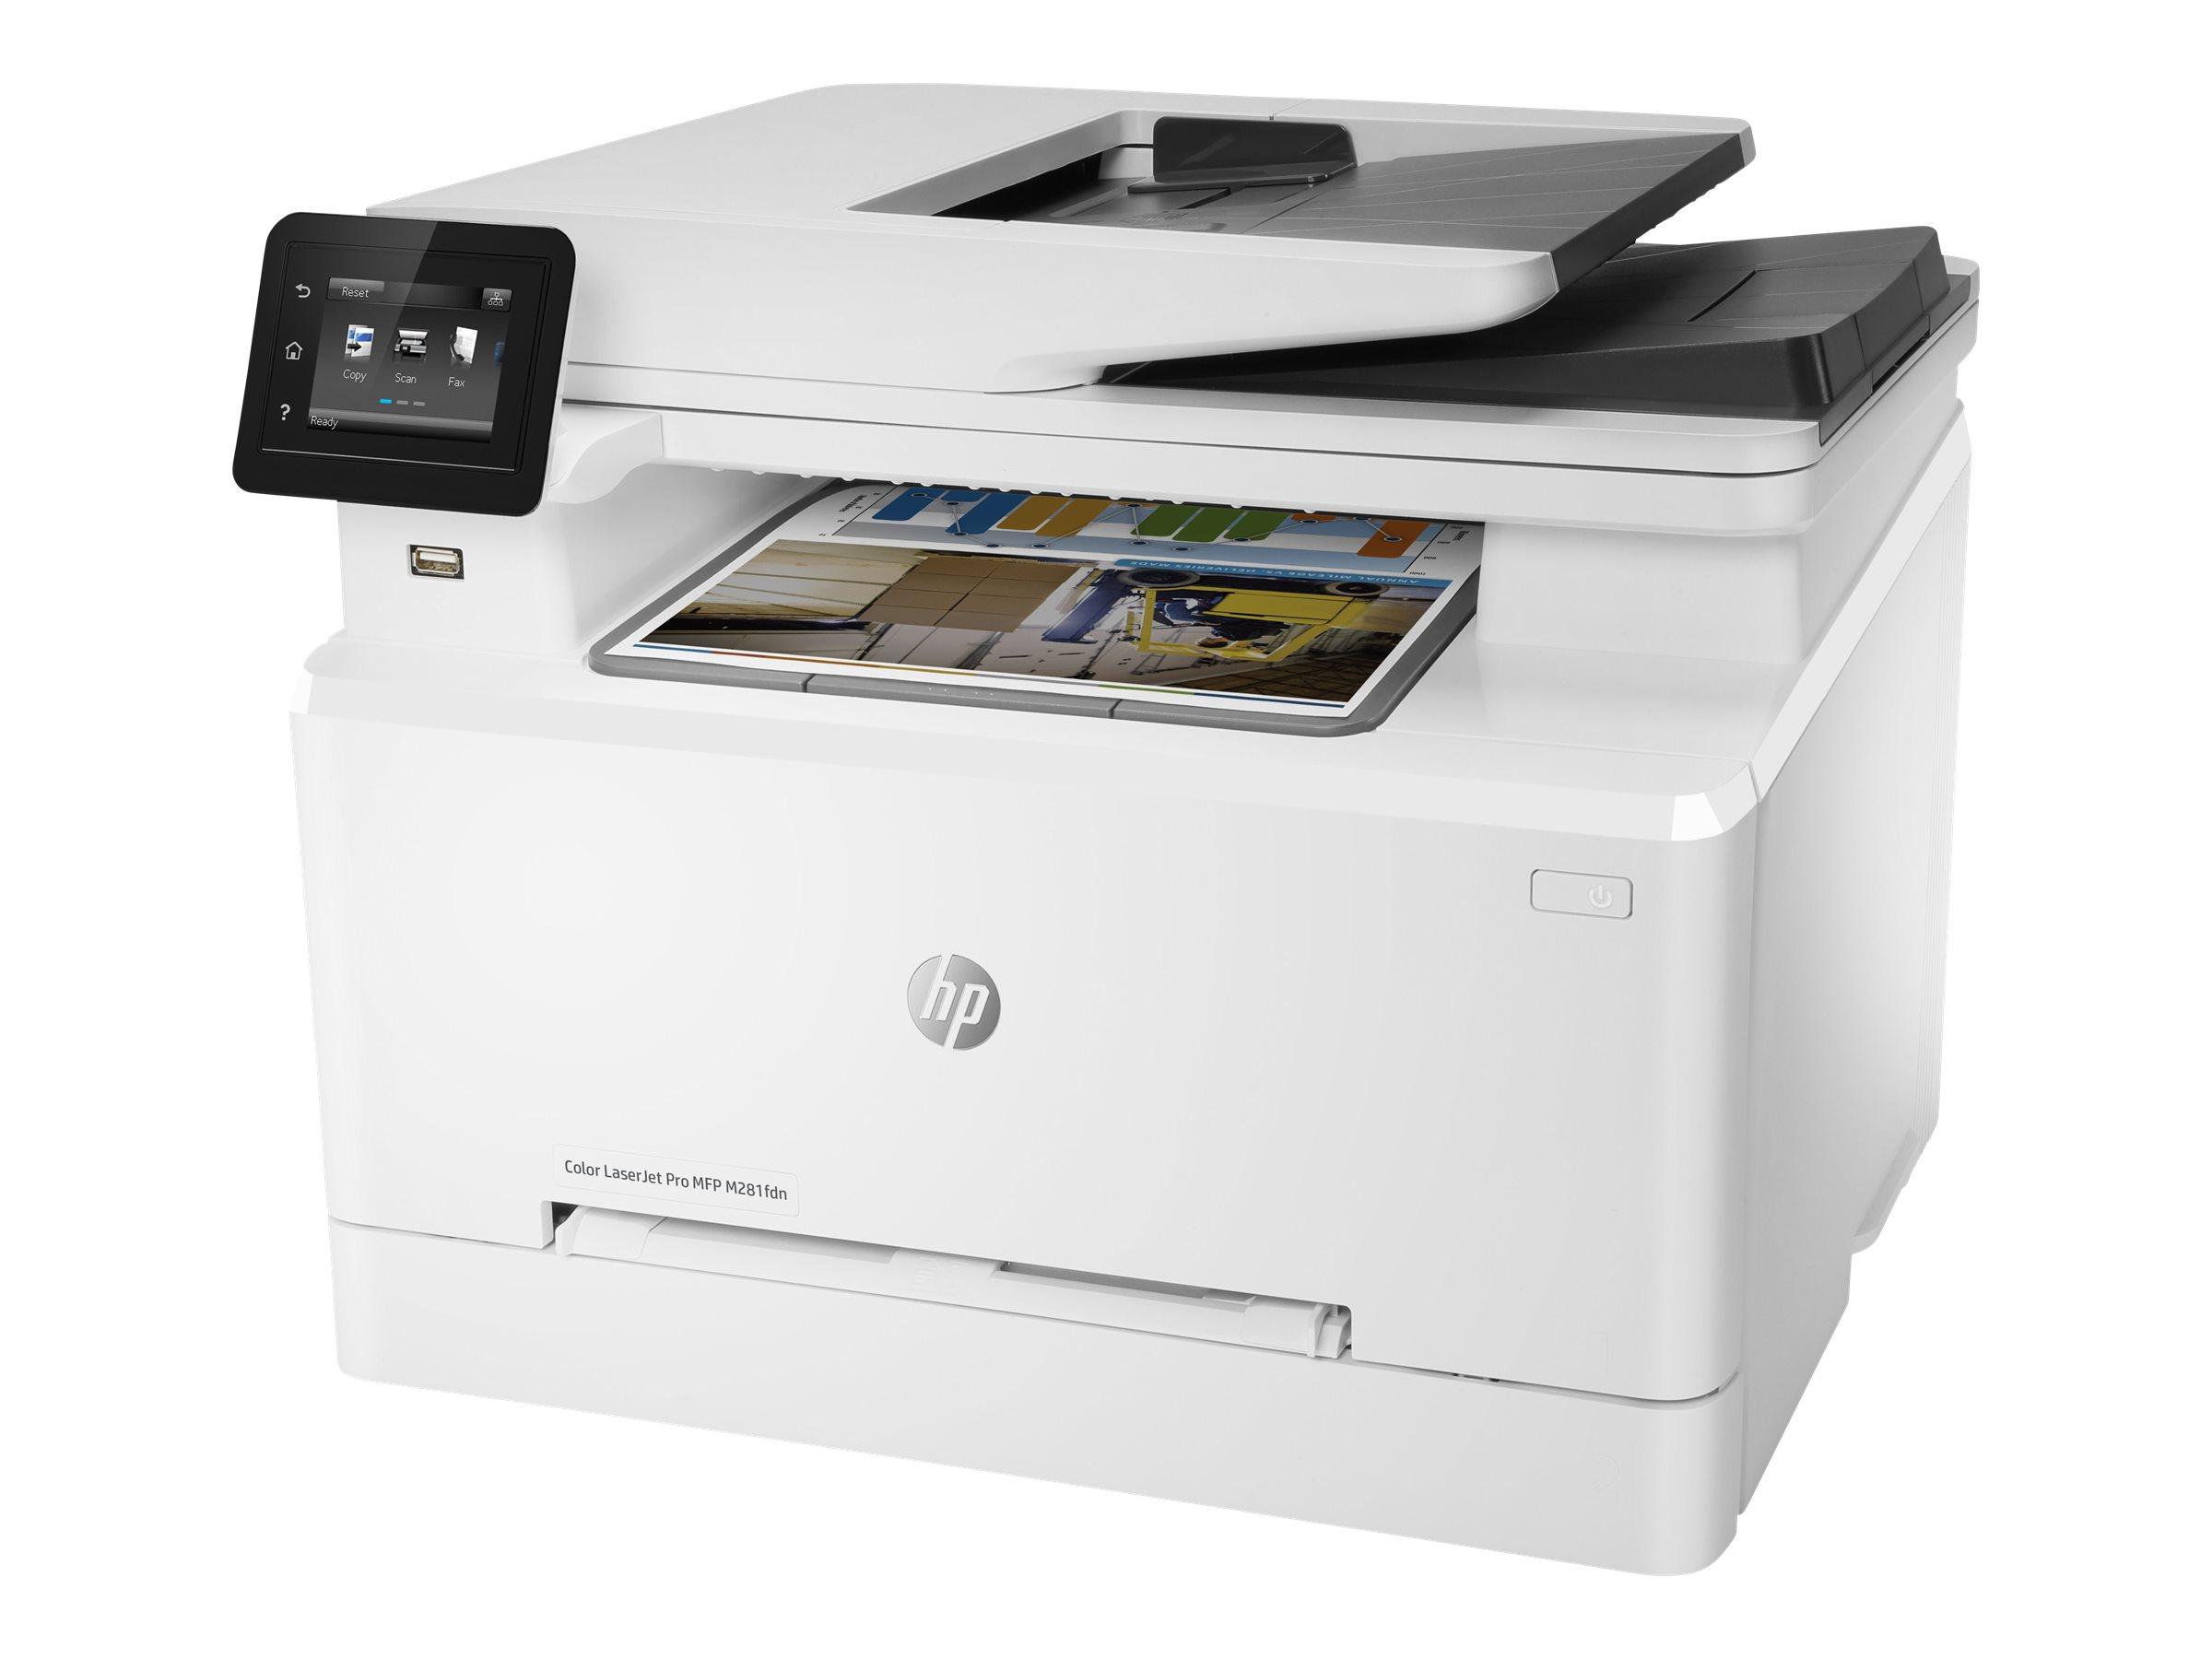 HP Color LaserJet Pro MFP M281fdn - imprimante laser multifonction couleur A4 - recto-verso - wifi